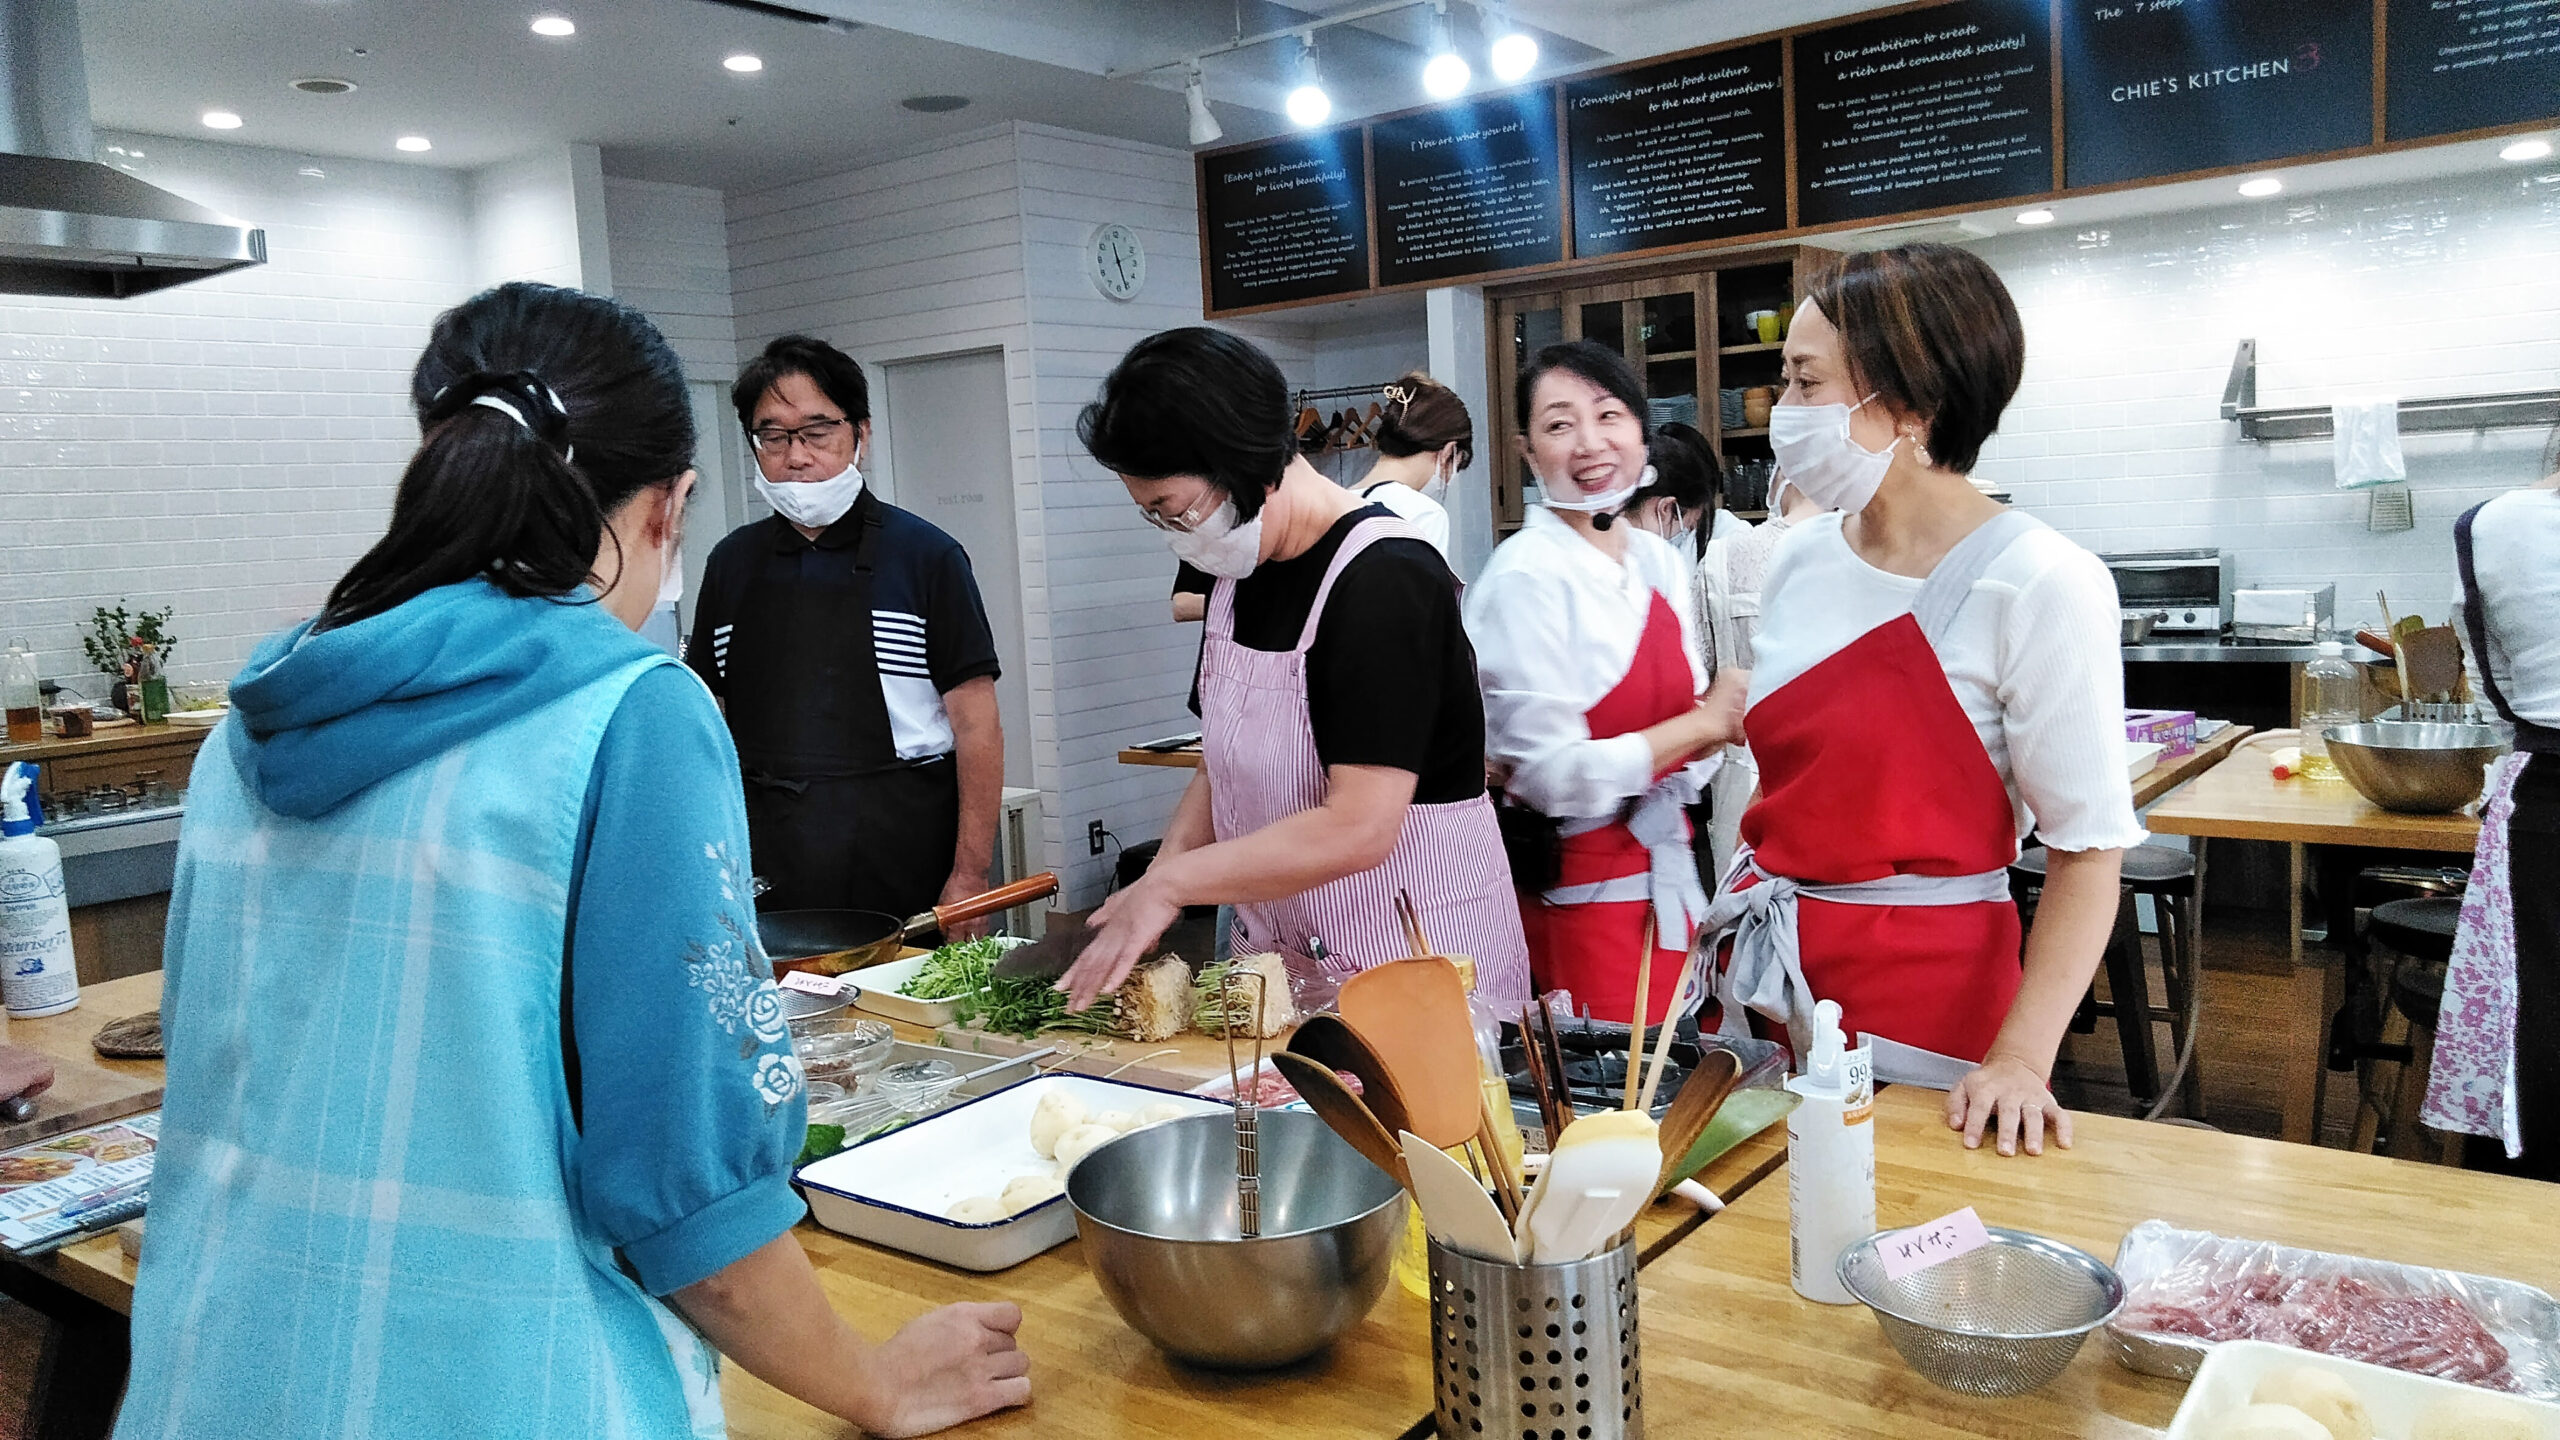 【イベント報告】第1回ショクブン×CHIE'S KITCHEN 共同料理教室開催♪